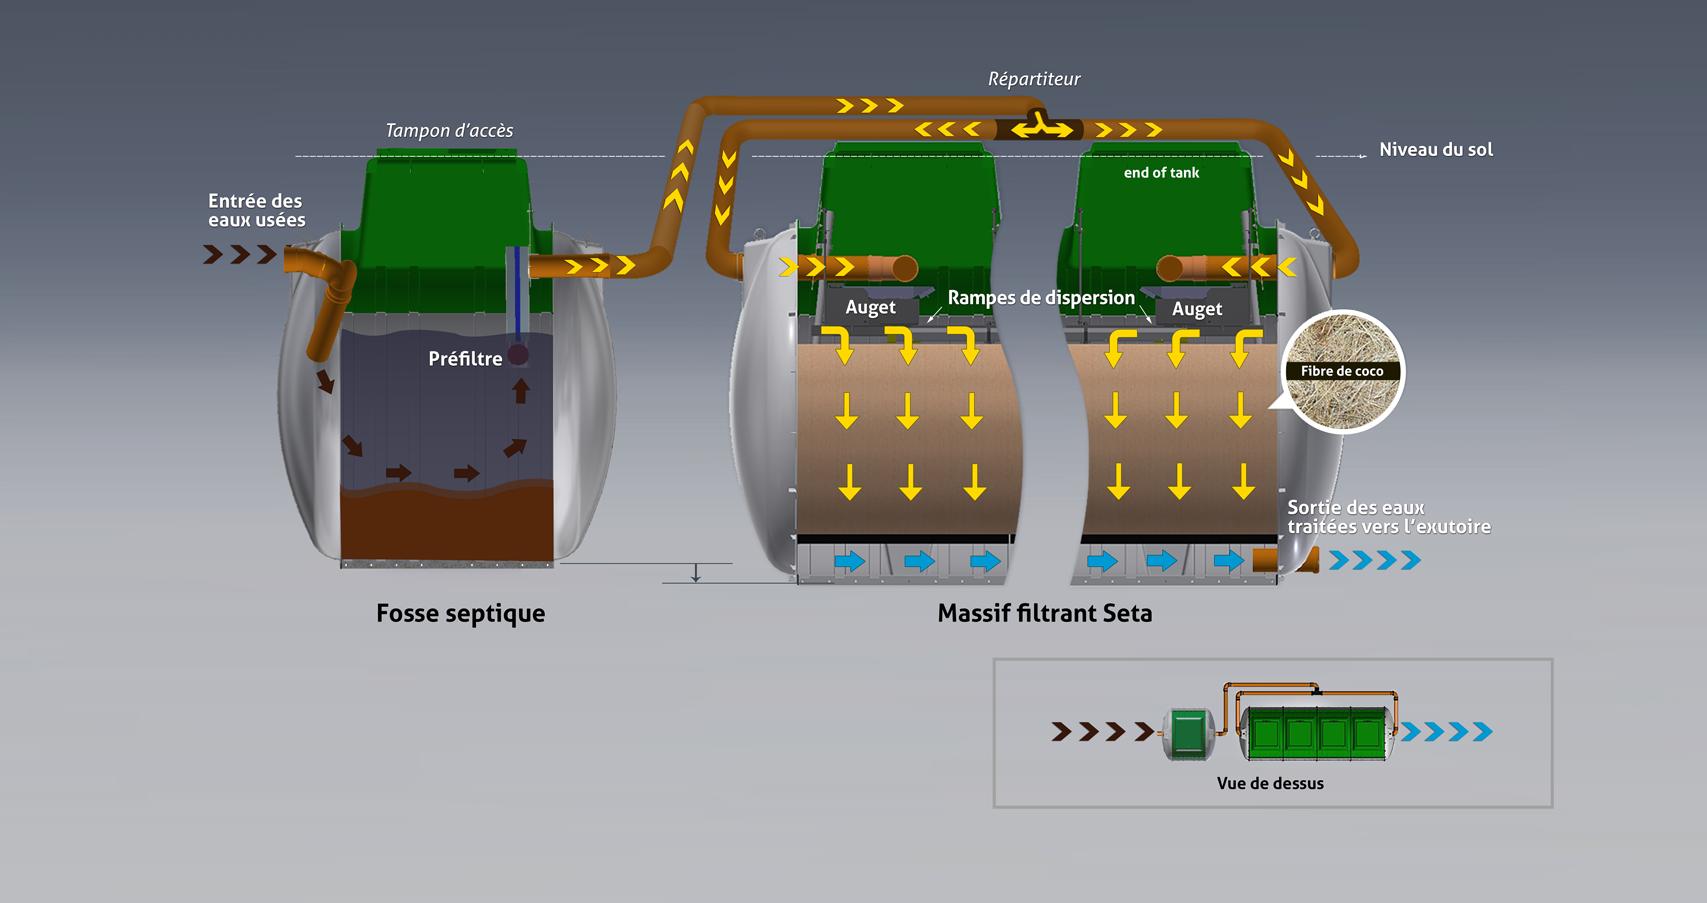 Fonctionnement du filtre compact Tricel Seta